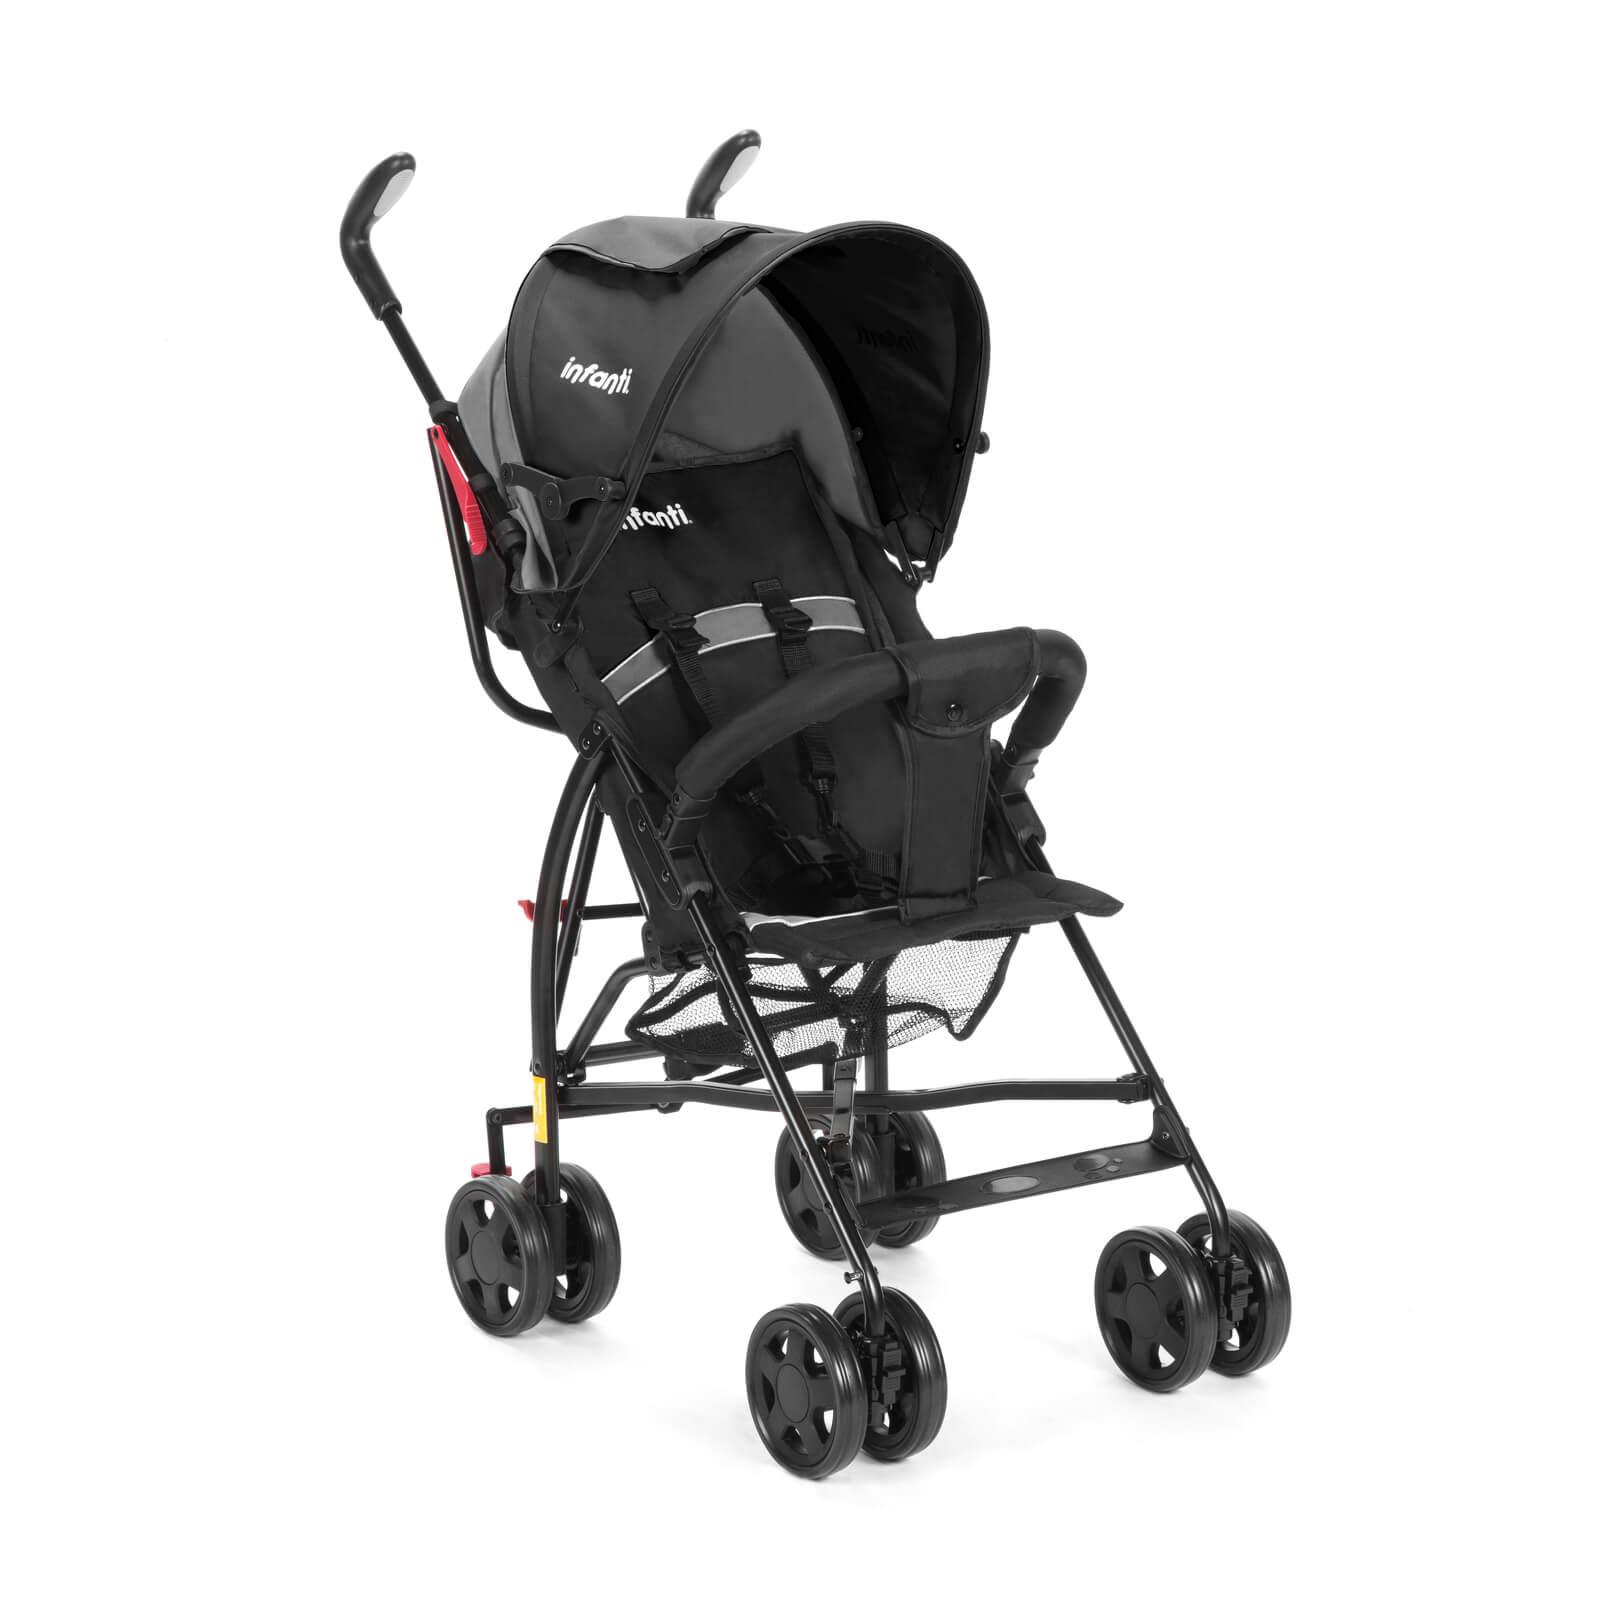 Carrinho De Bebê Umbrella Spin Neo Preto Infanti